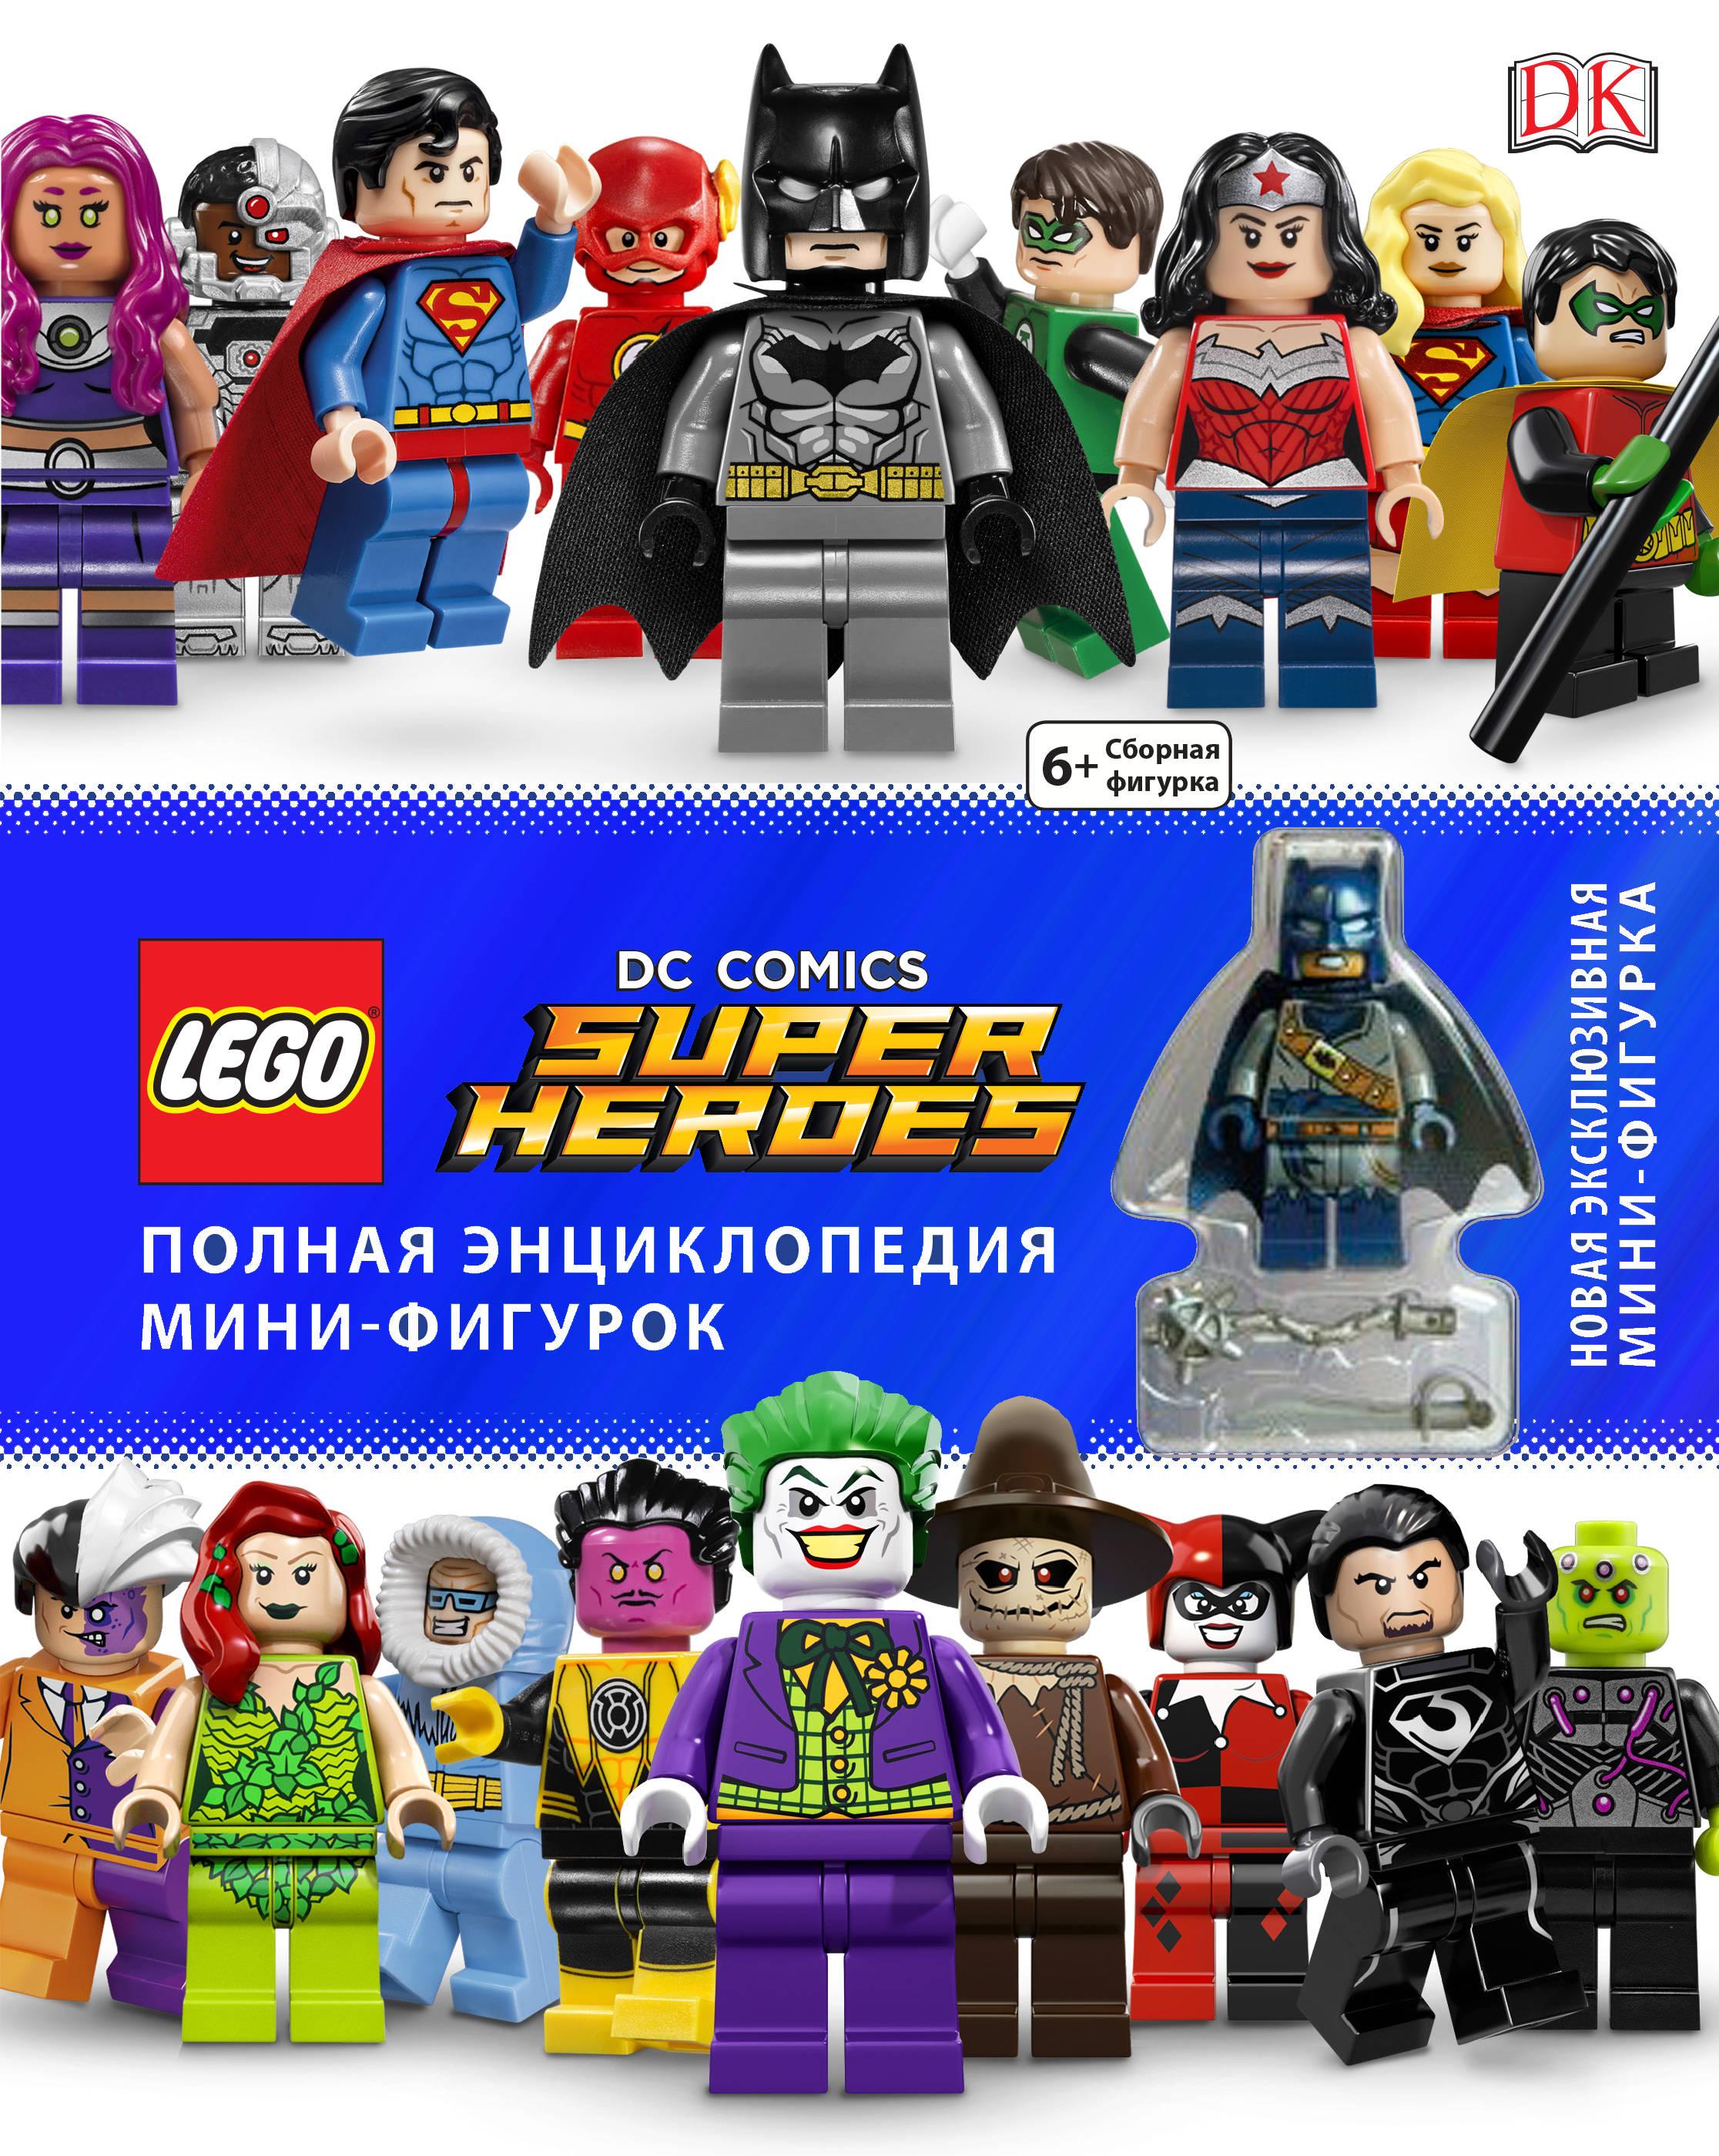 цена С. Хьюго, К. Скотт LEGO DC Comics: Полная энциклопедия мини-фигурок (+ эксклюзивная мини-фигурка) онлайн в 2017 году